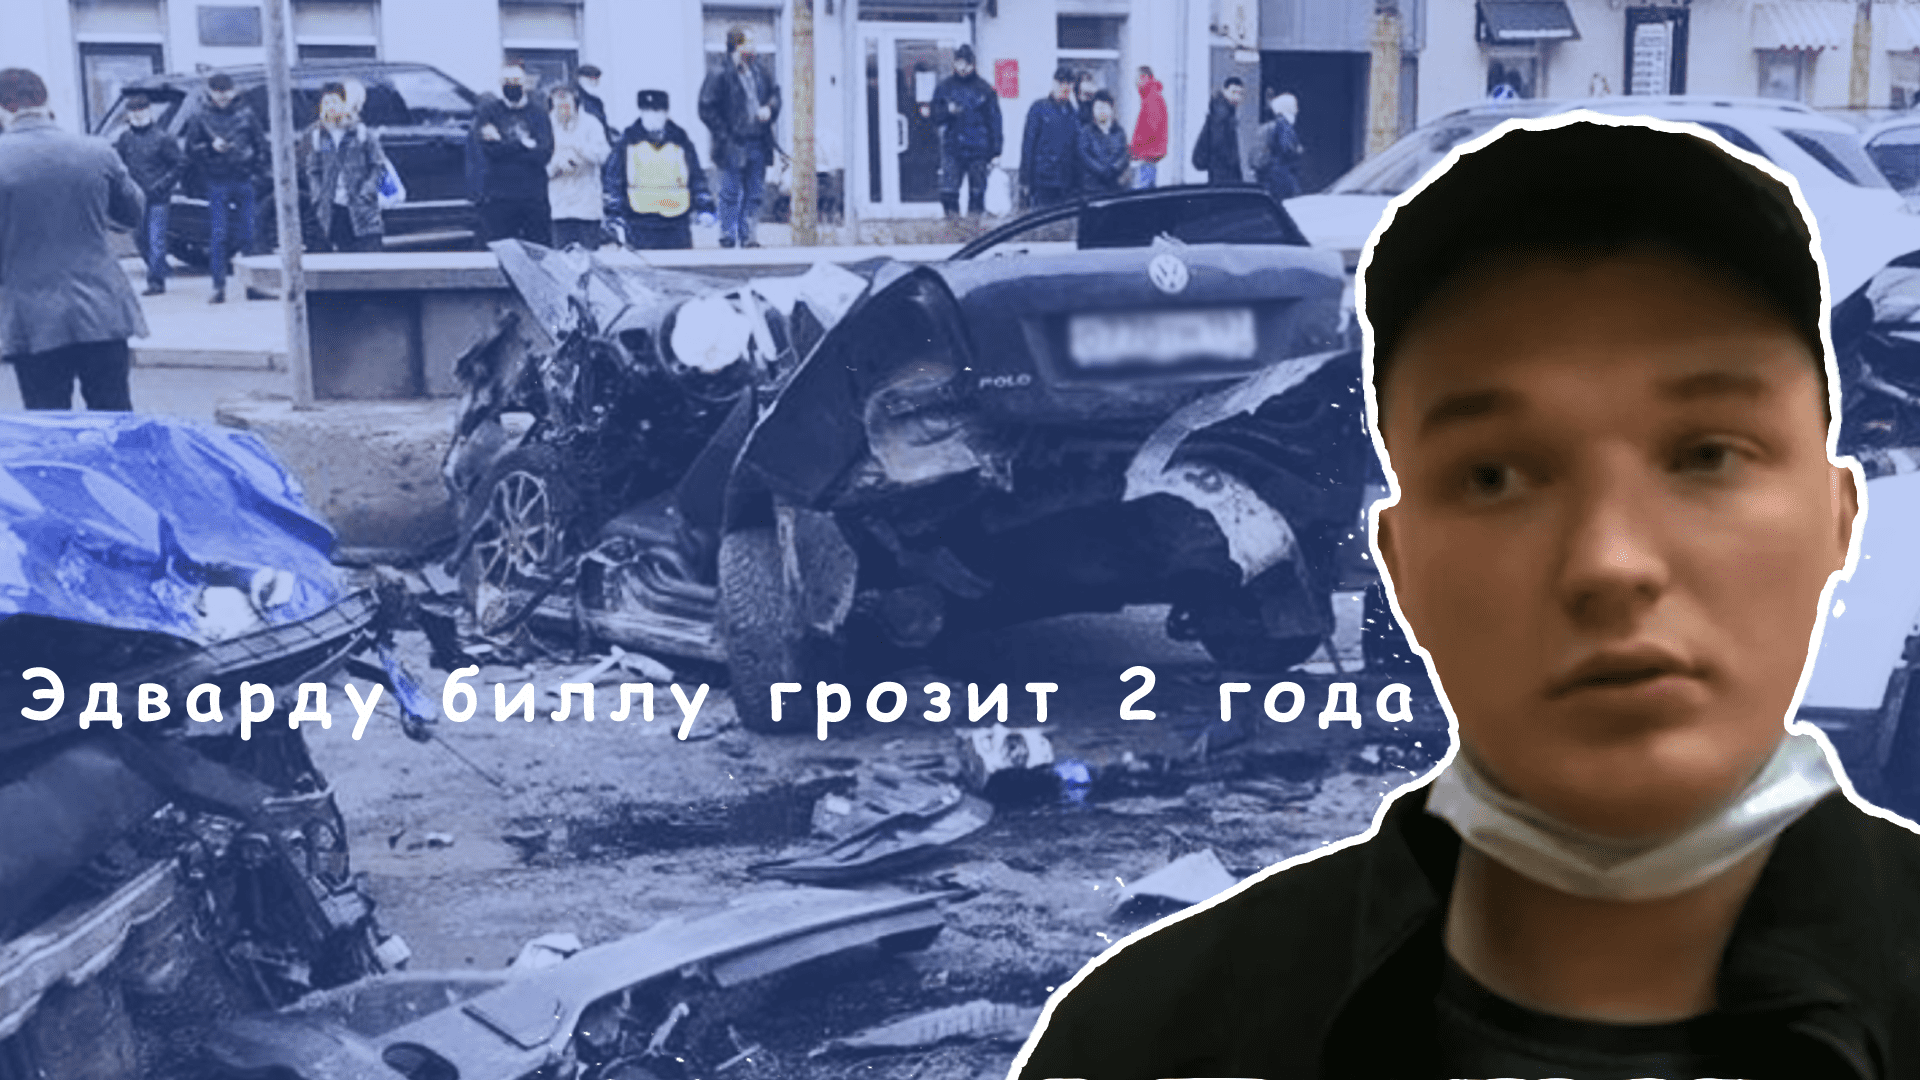 Эдварду грозит 2 года после ДТП на садовом кольце в Москве